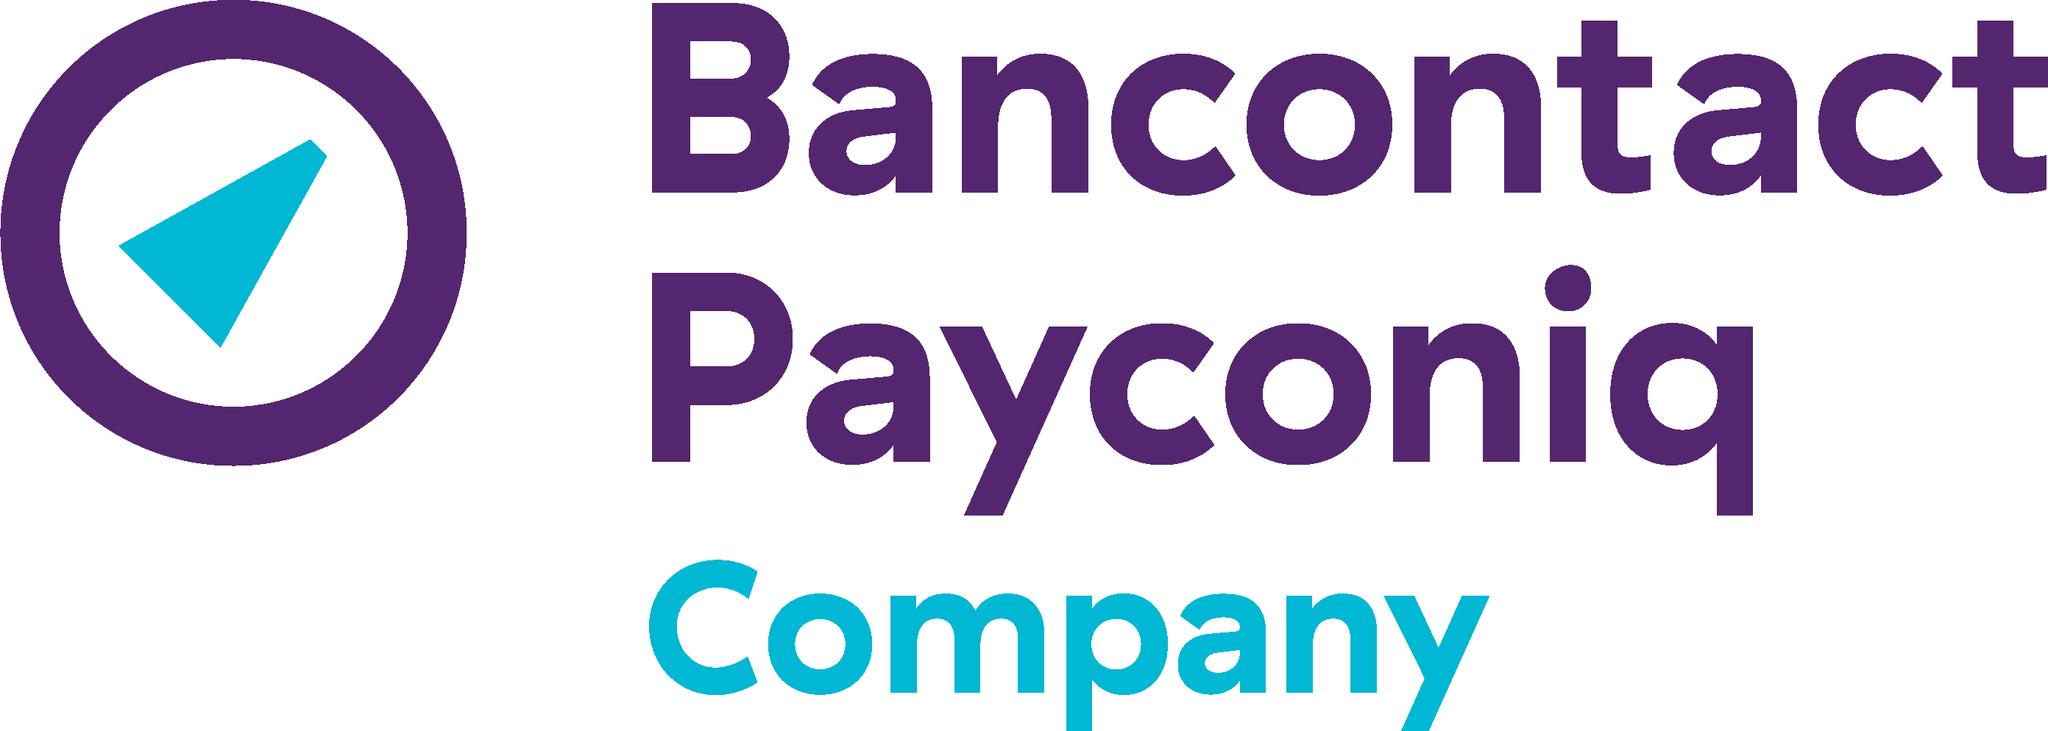 Bancontact Payconiq